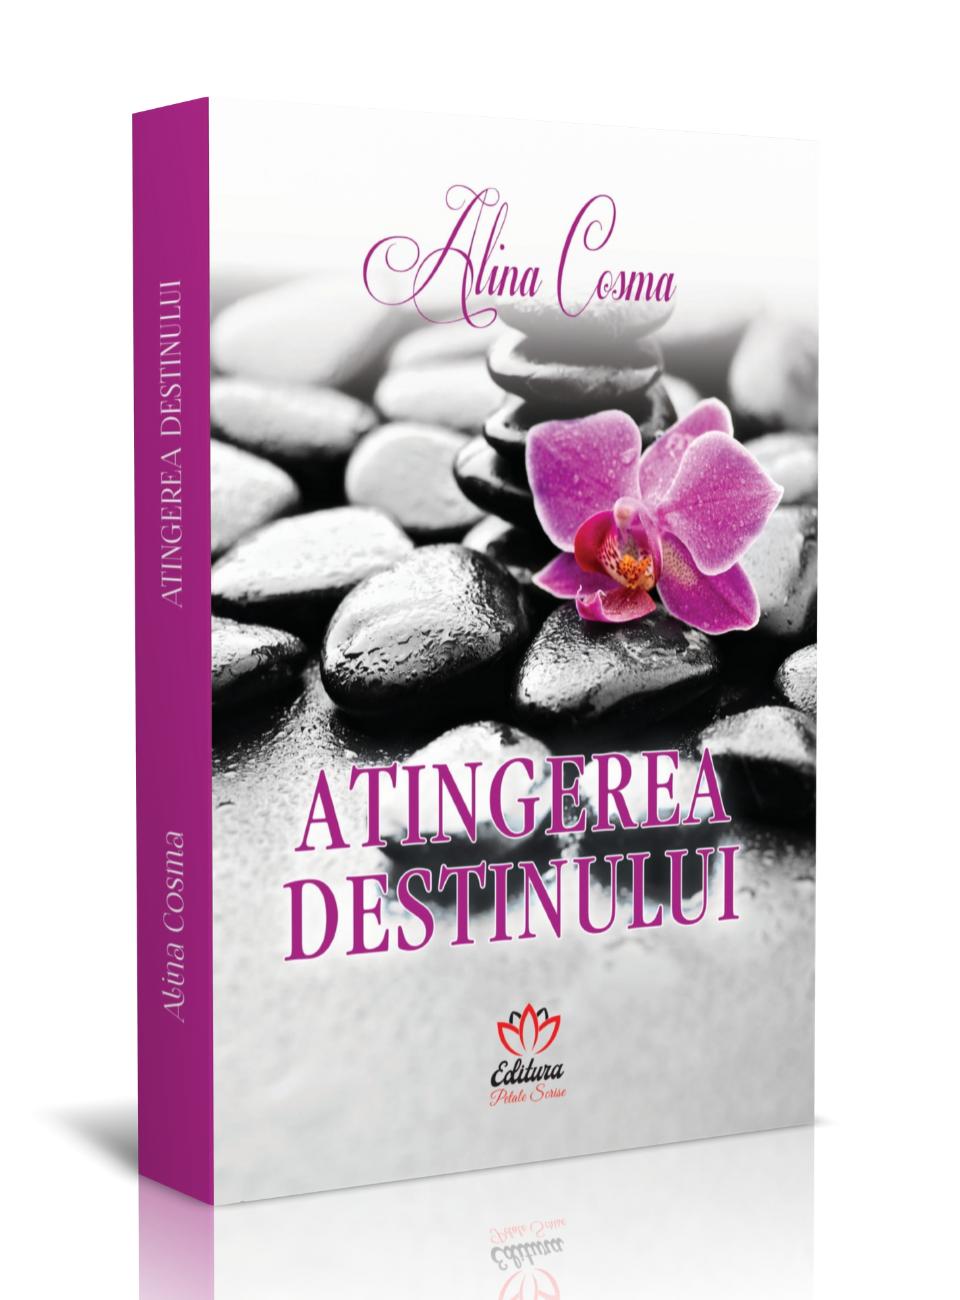 Atingerea destinului – Alina Cosma – recenzie Vorbe pentru suflet